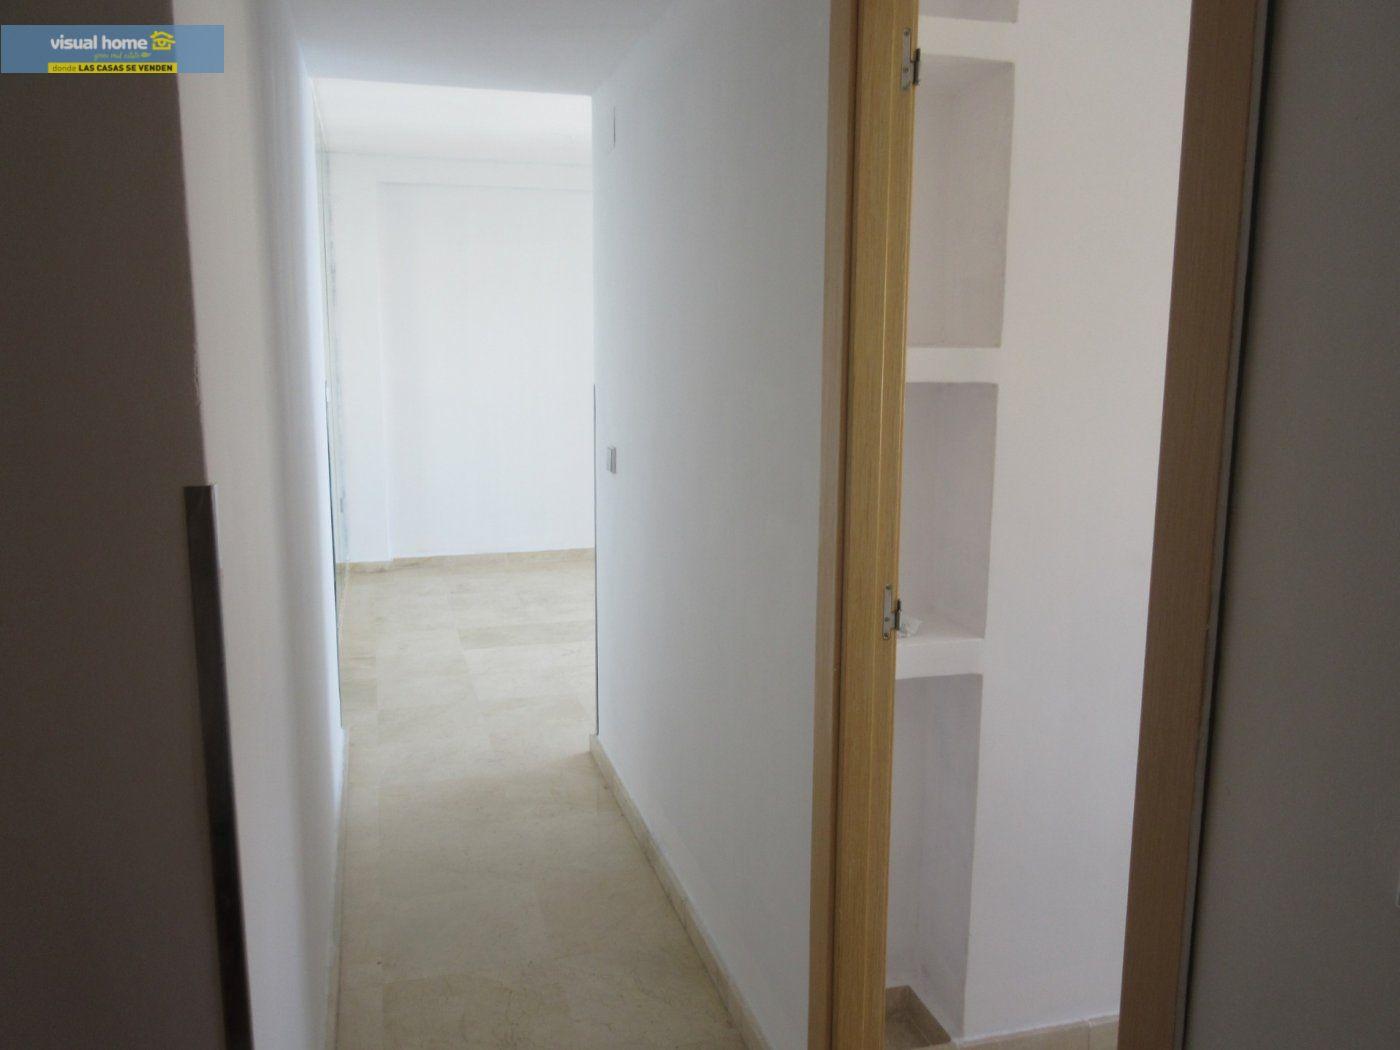 Apartamento de 1 dormitorio con espectaculares vistas  en 1ª linea de playa con parking y piscina 20